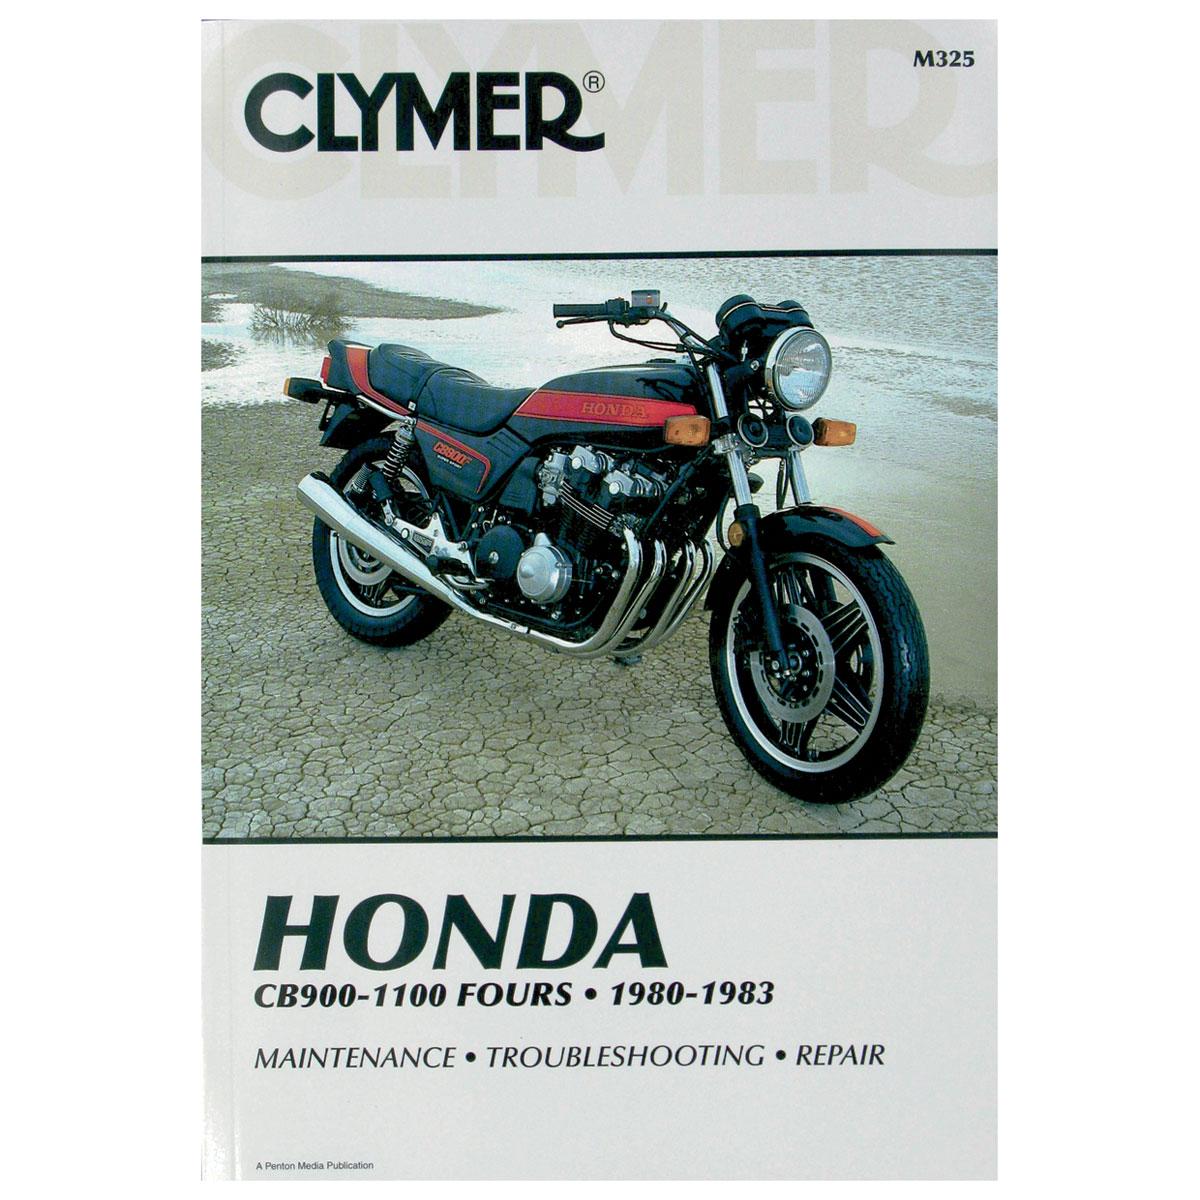 clymer honda motorcycle repair manual 181 2292 j p cycles rh jpcycles com Honda Motorcycle Owners Manuals Airb Ladfe Honda Motorcycle Manuals